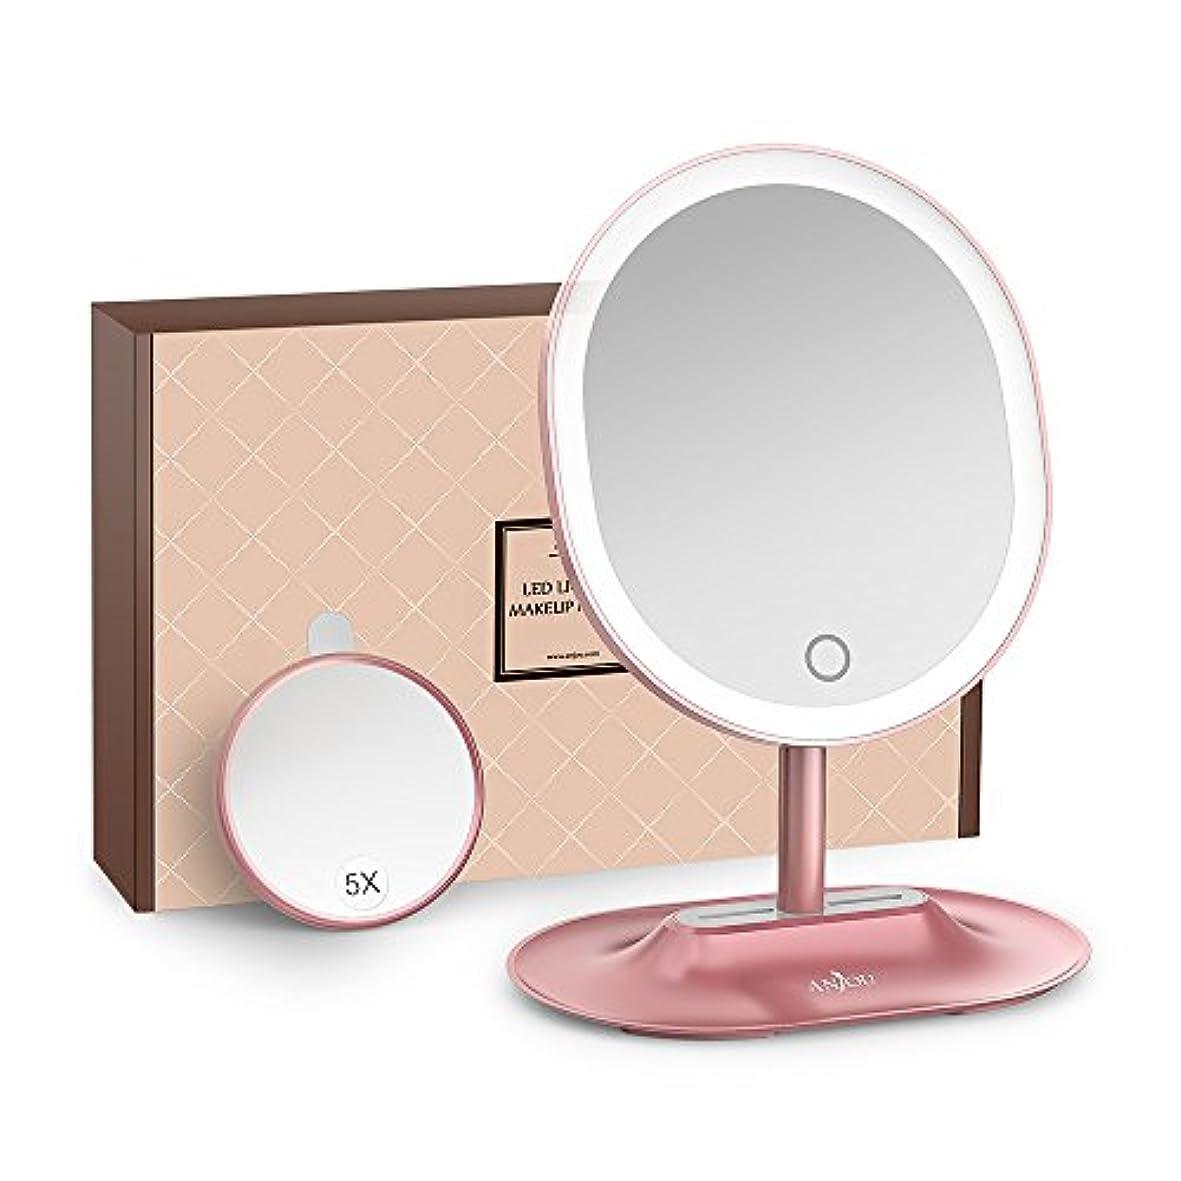 何剥離去るAnjou 化粧ミラー LED 卓上 5倍 拡大鏡 タッチパネル 明るさ調節可 メイク スタンドミラー 120度回転 USB充電 トレー付 (ローズゴールド) AJ-MTA005